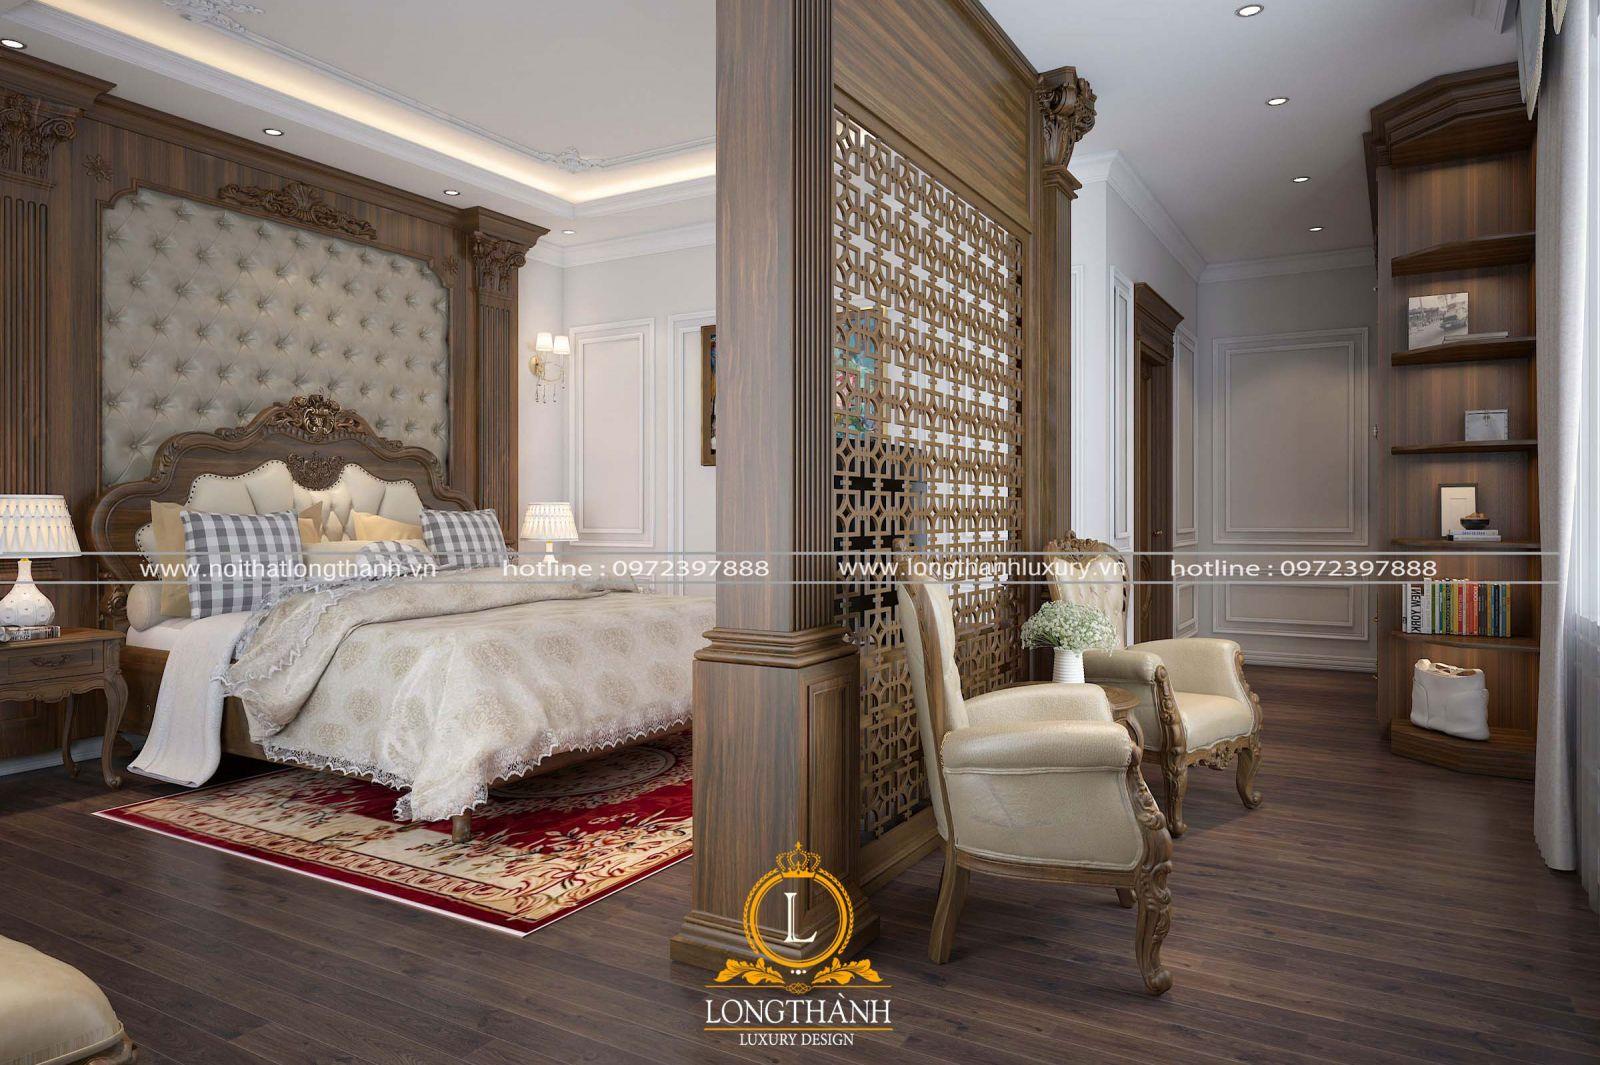 Thiết kế nội thất phòng ngủ cho nhà ống đẹp cuốn hút